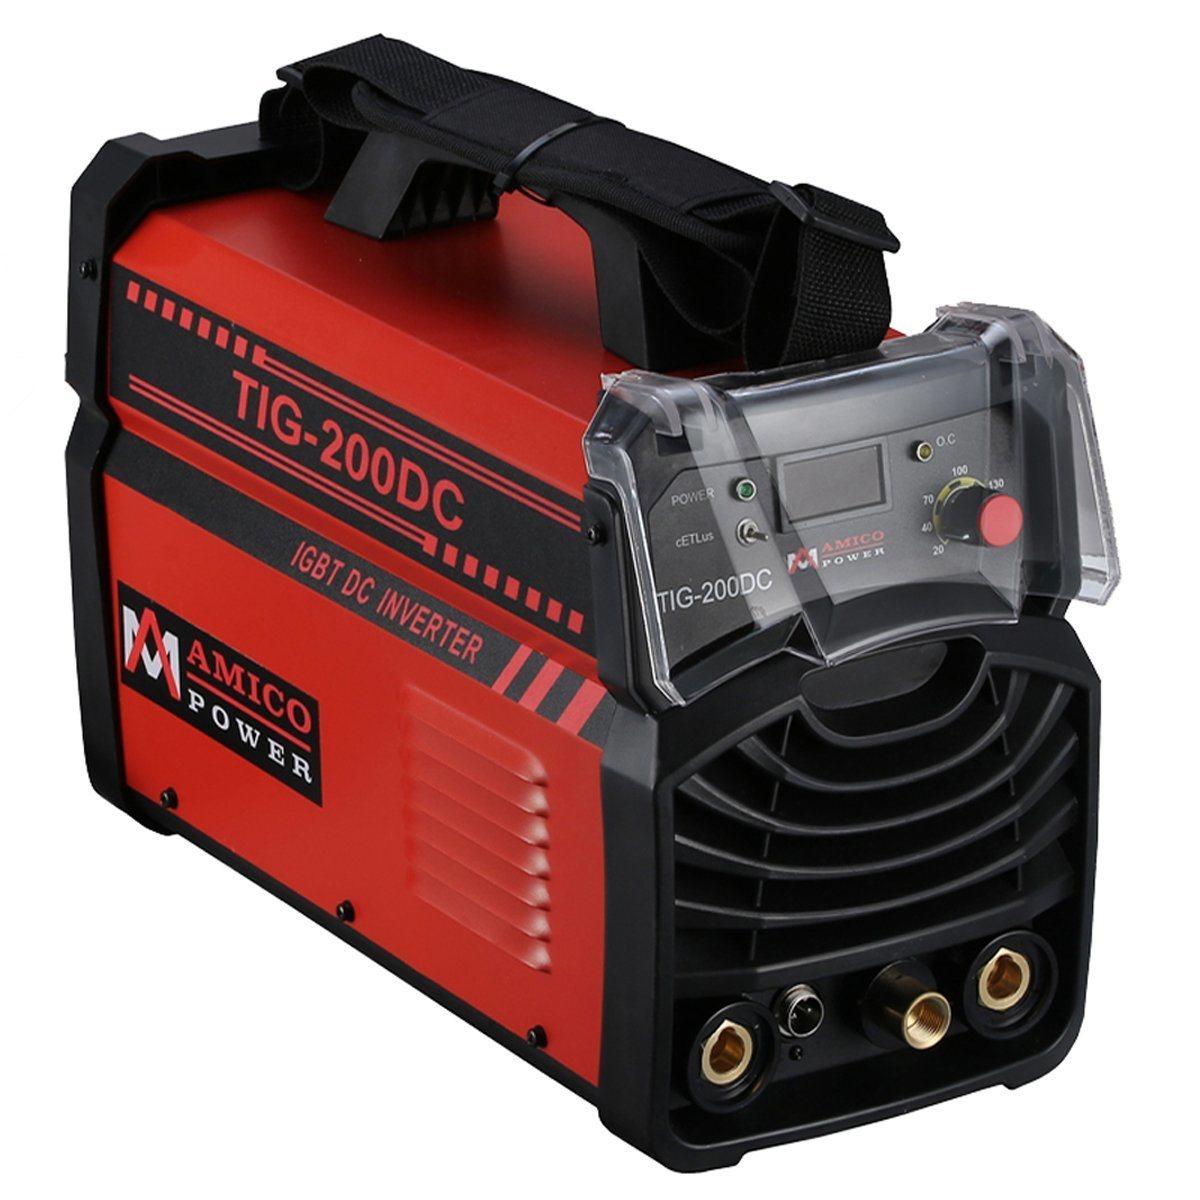 Amico TIG-200 Amp TIG Torch Stick ARC DC Inverter Welder